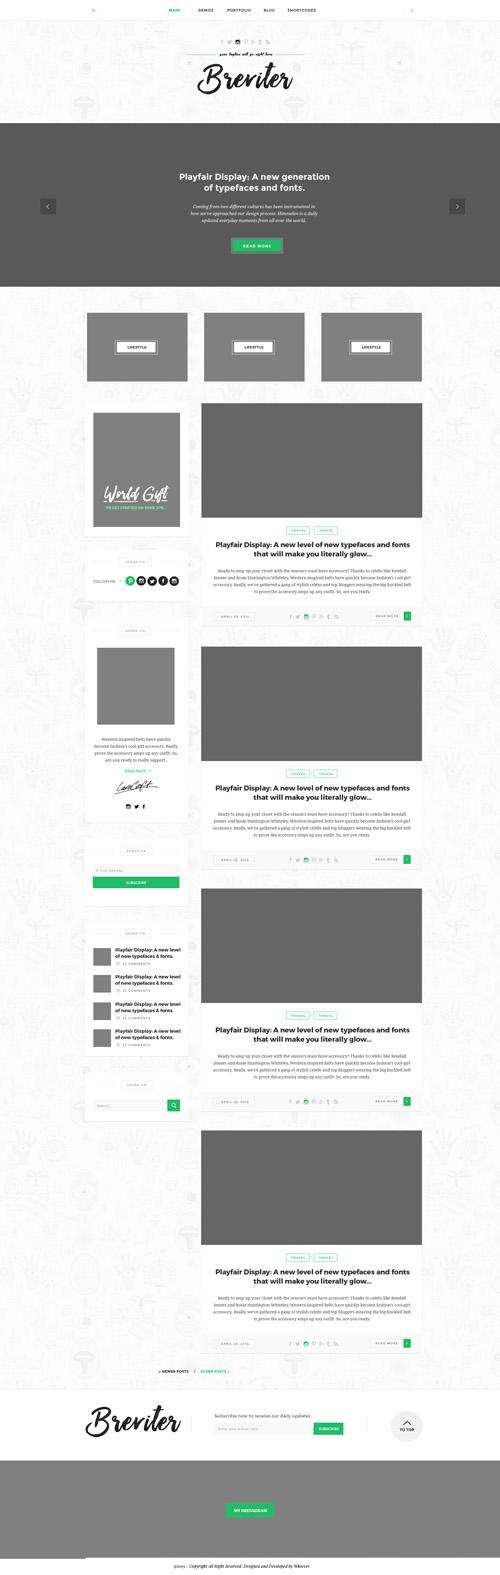 Макет сайта блога с слайдером в шапке и логотипом по центру